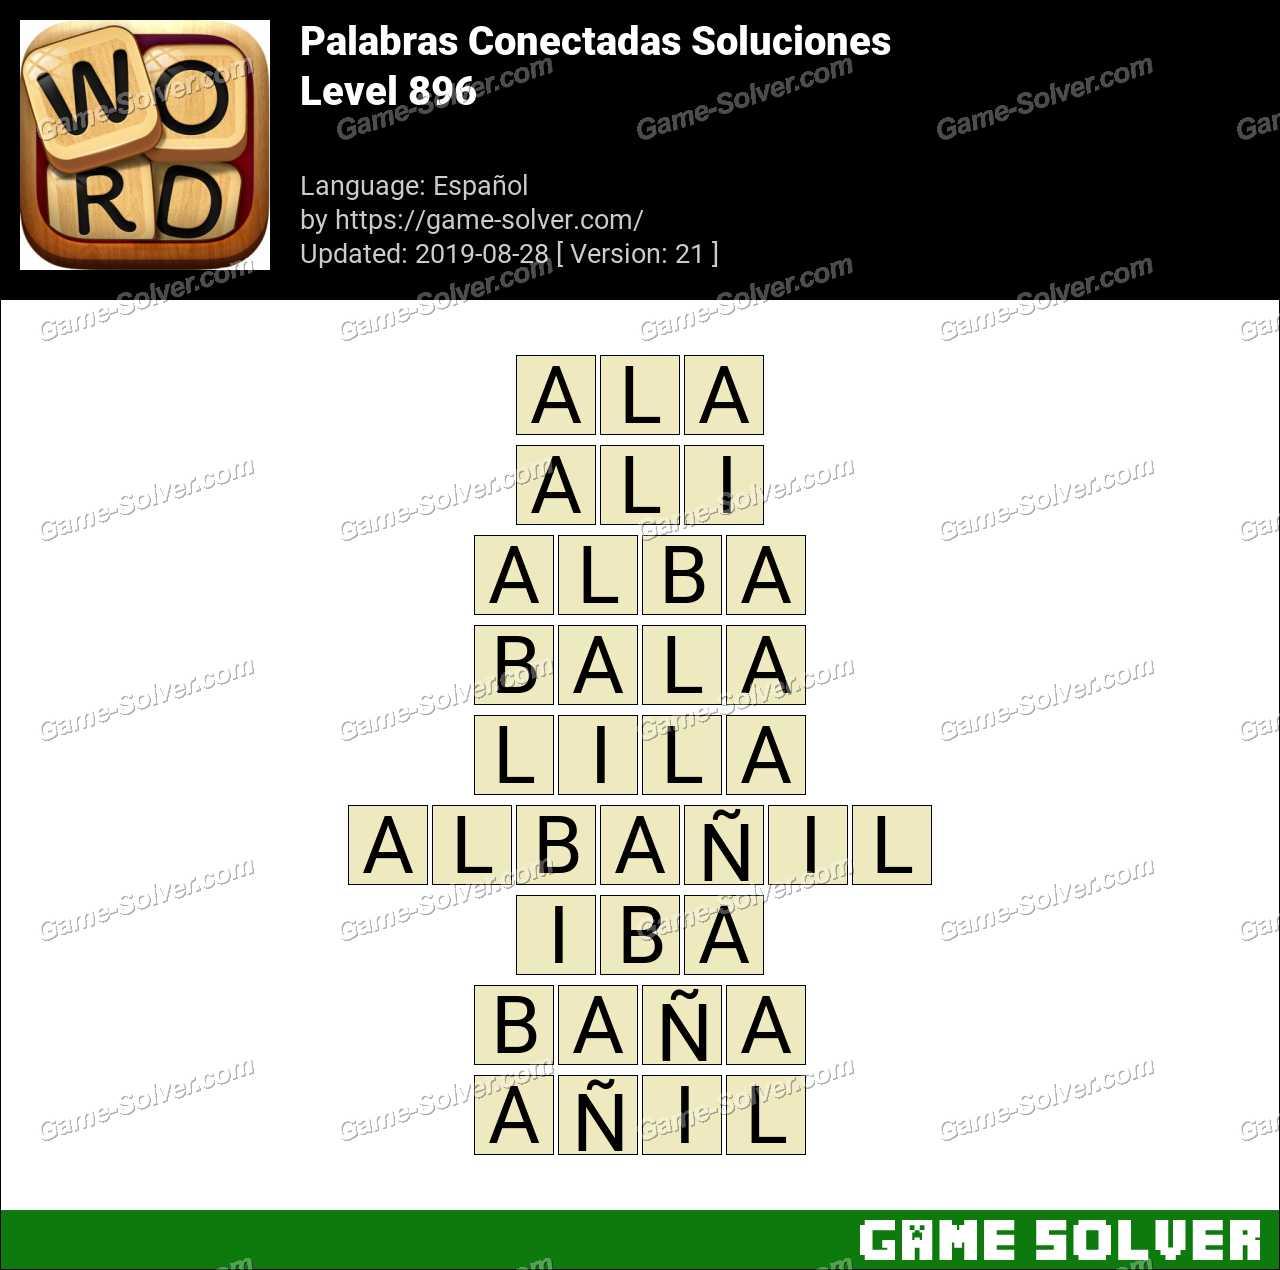 Palabras Conectadas Nivel 896 Soluciones